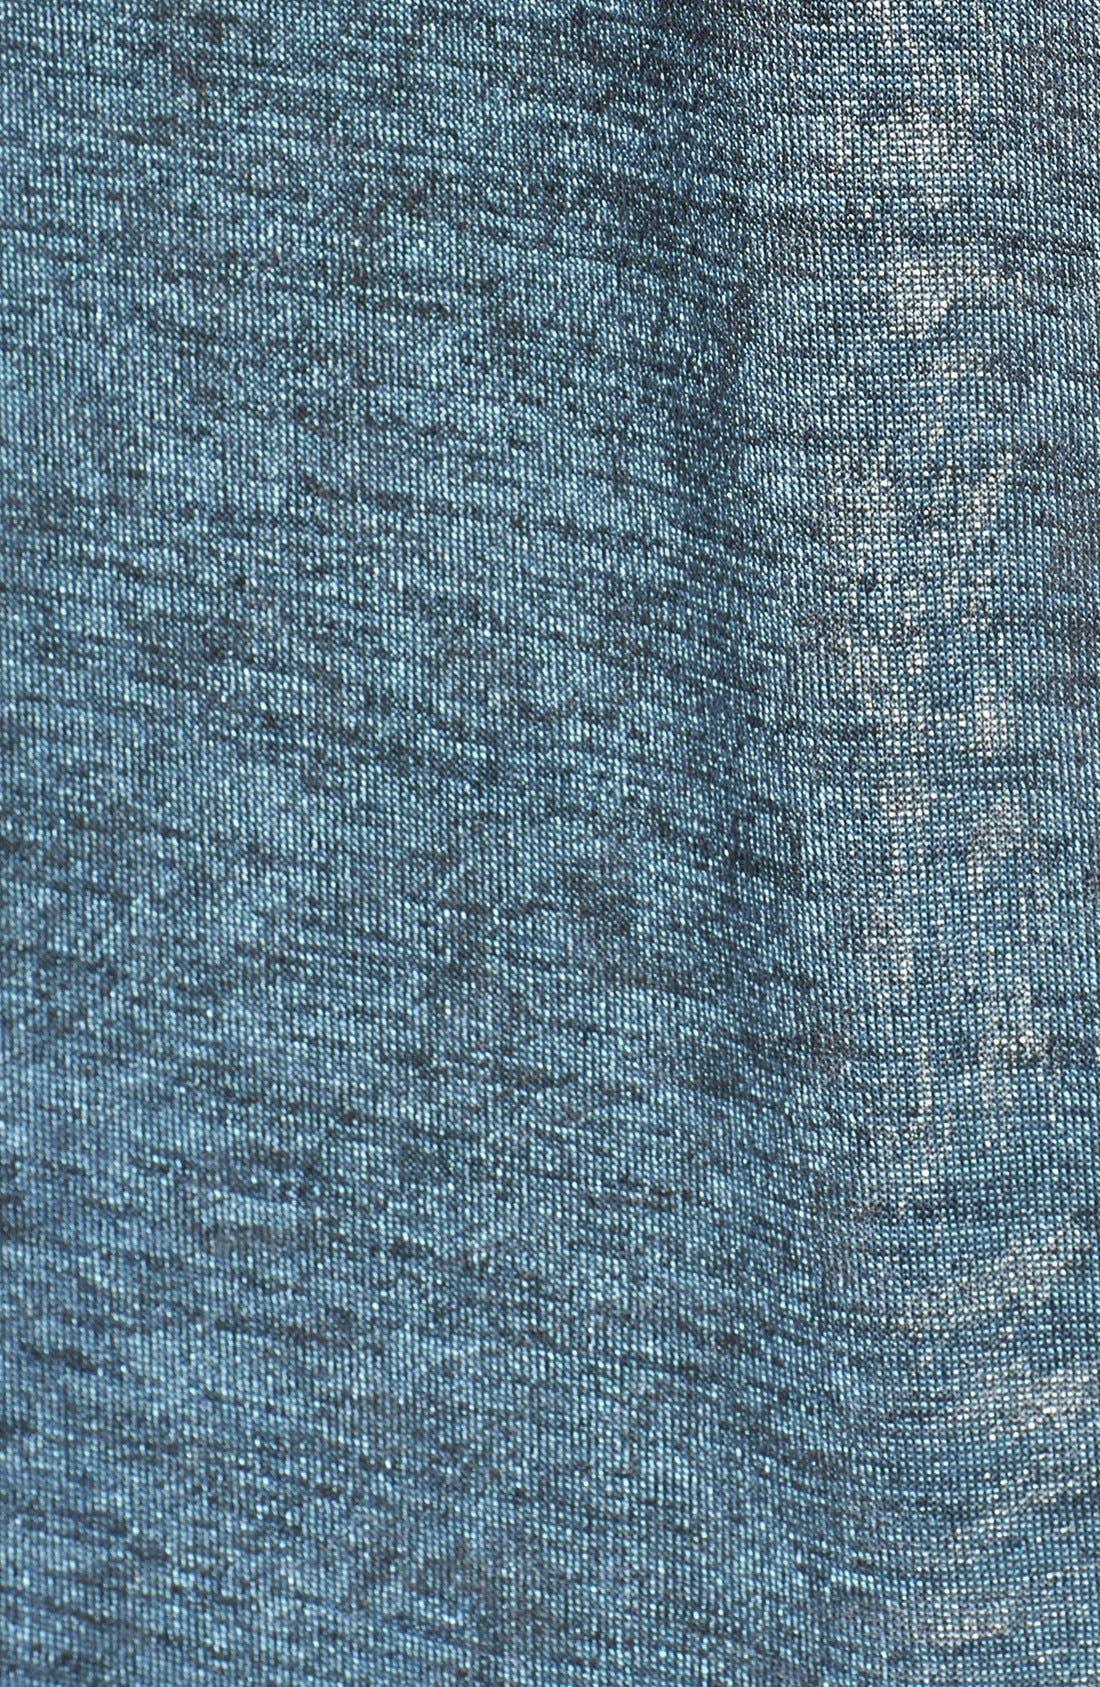 Alternate Image 3  - June & Hudson V-Neck Metallic Tunic Sweater